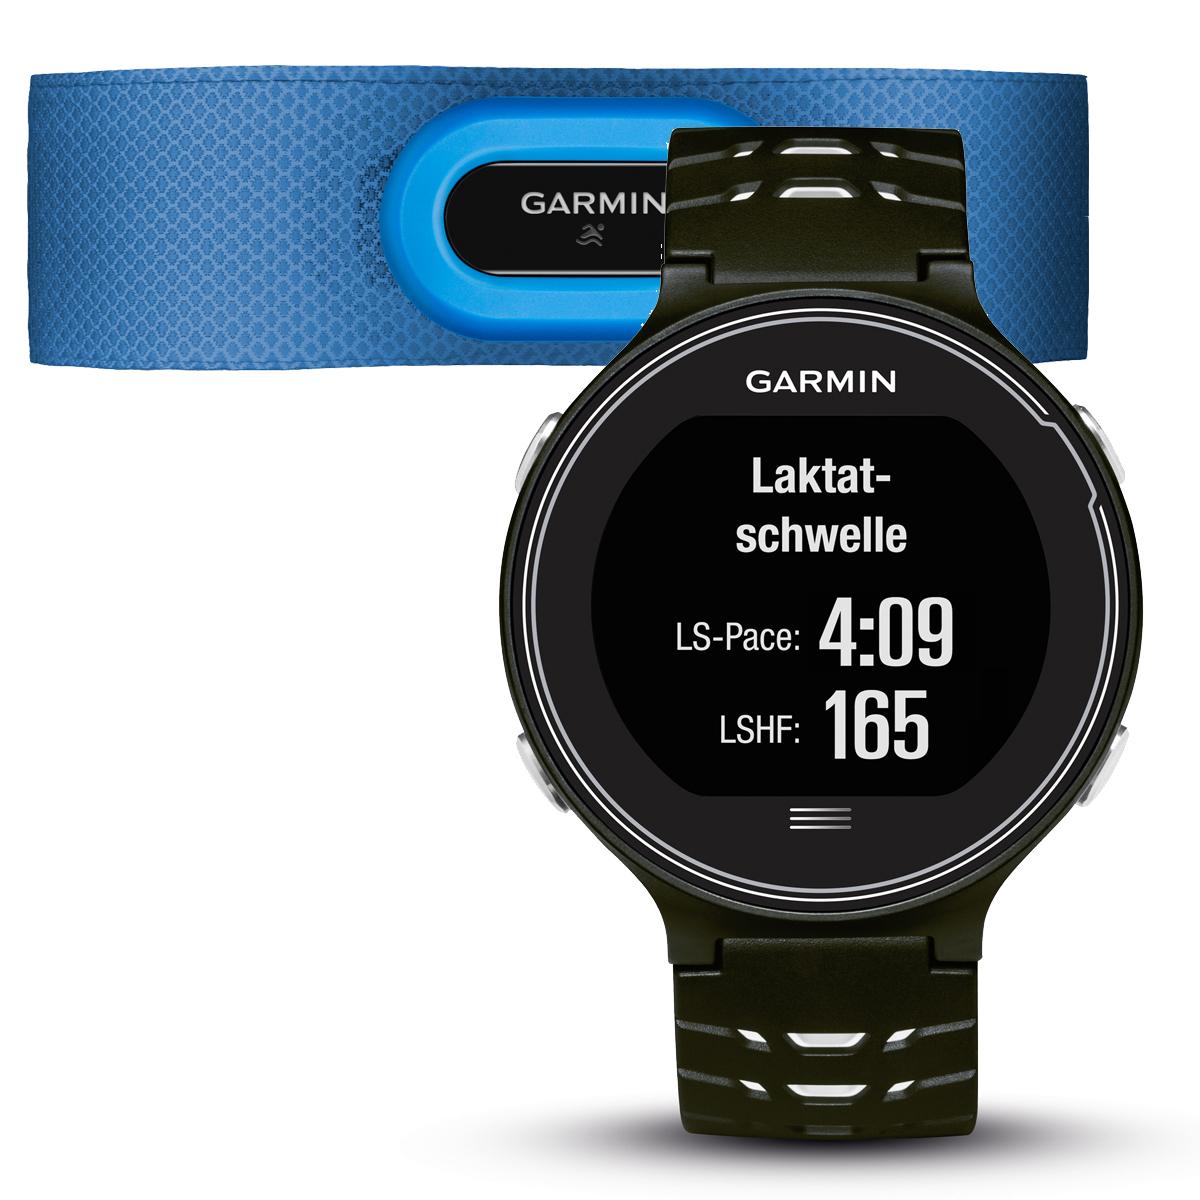 Спортивные часы Garmin Forerunner 630 HRM, цвет: черный. 010-03717-30010-03717-30Смарт-часы GPS с расширенными беговыми данными Мониторинг: Физической активности;Калорий;Сна Датчики: GPS- трекер;Сердечного ритма;Пульсометр;Шагомер;Счетчик калорий;Акселерометр Особенности: Влагозащищенный;Оповещения со смартфона;Часы;Водонепроницаемый;Умный тренер (Smart Coach ) Совместимое ОС: GARMIN Материал корпуса: Пластик Материал ремешка/браслета: Пластик Длина ремешка: 16 см Время работы: 4 недели Интерфейс: Bluetooth Метод зарядки: microUSB 2.0 Вид аккумулятора: Li-ion Емкость аккумулятора: 300 mA